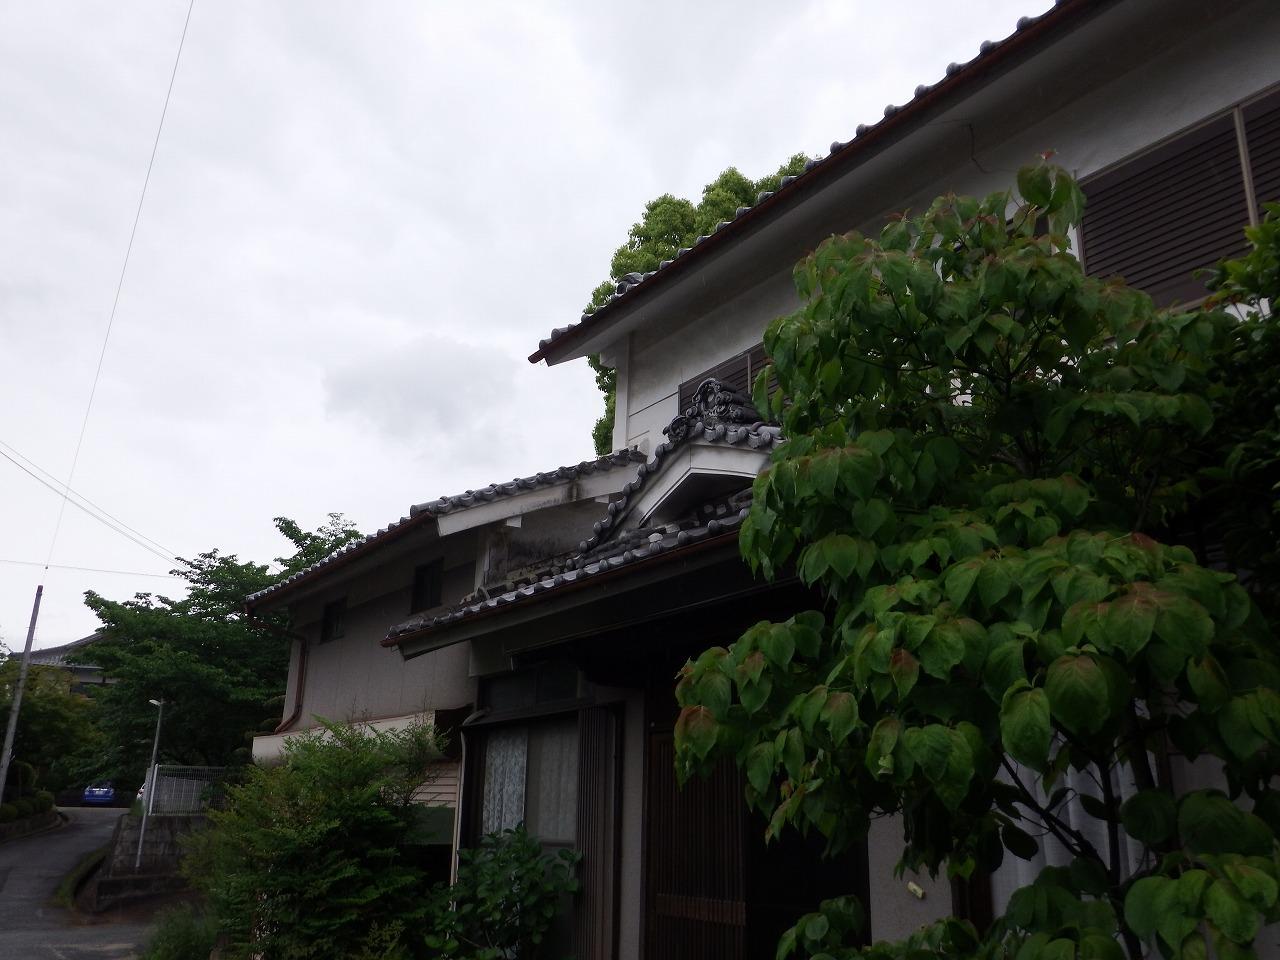 橿原市の瓦屋根の2階建住宅の現調